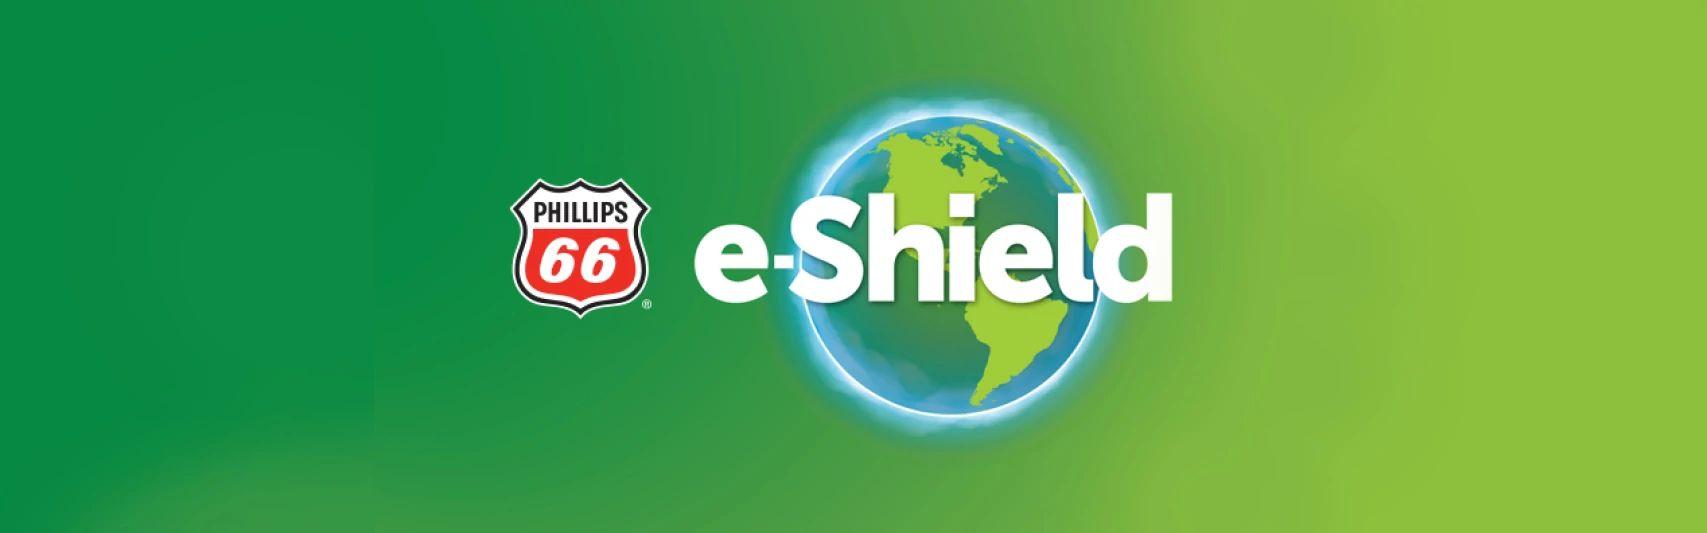 21-0020_012_eShield Story dotcom banner.jpg